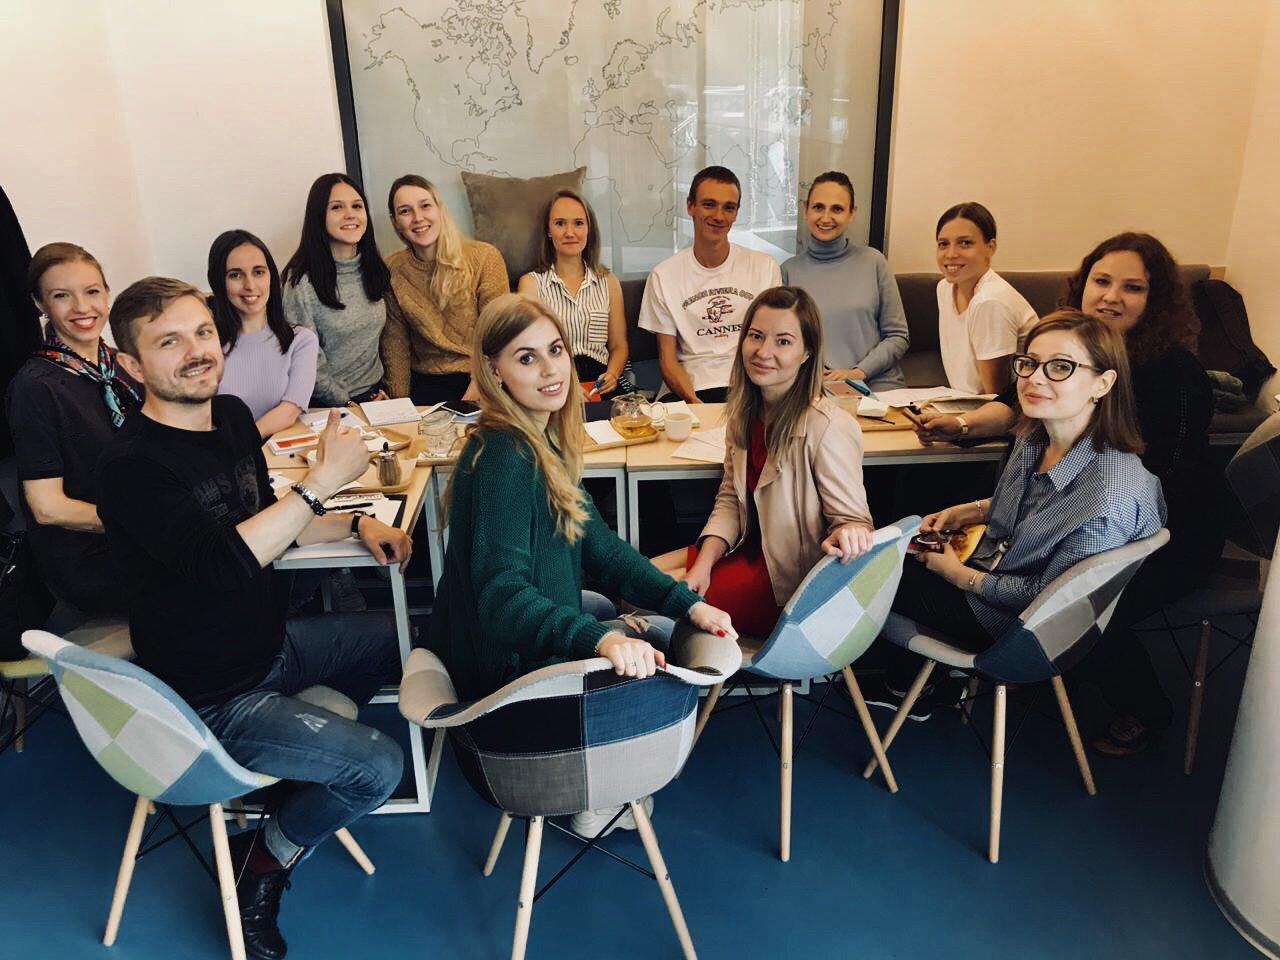 Лучшие разговорные клубы английского языка в москве: адреса и цены на 2020 год